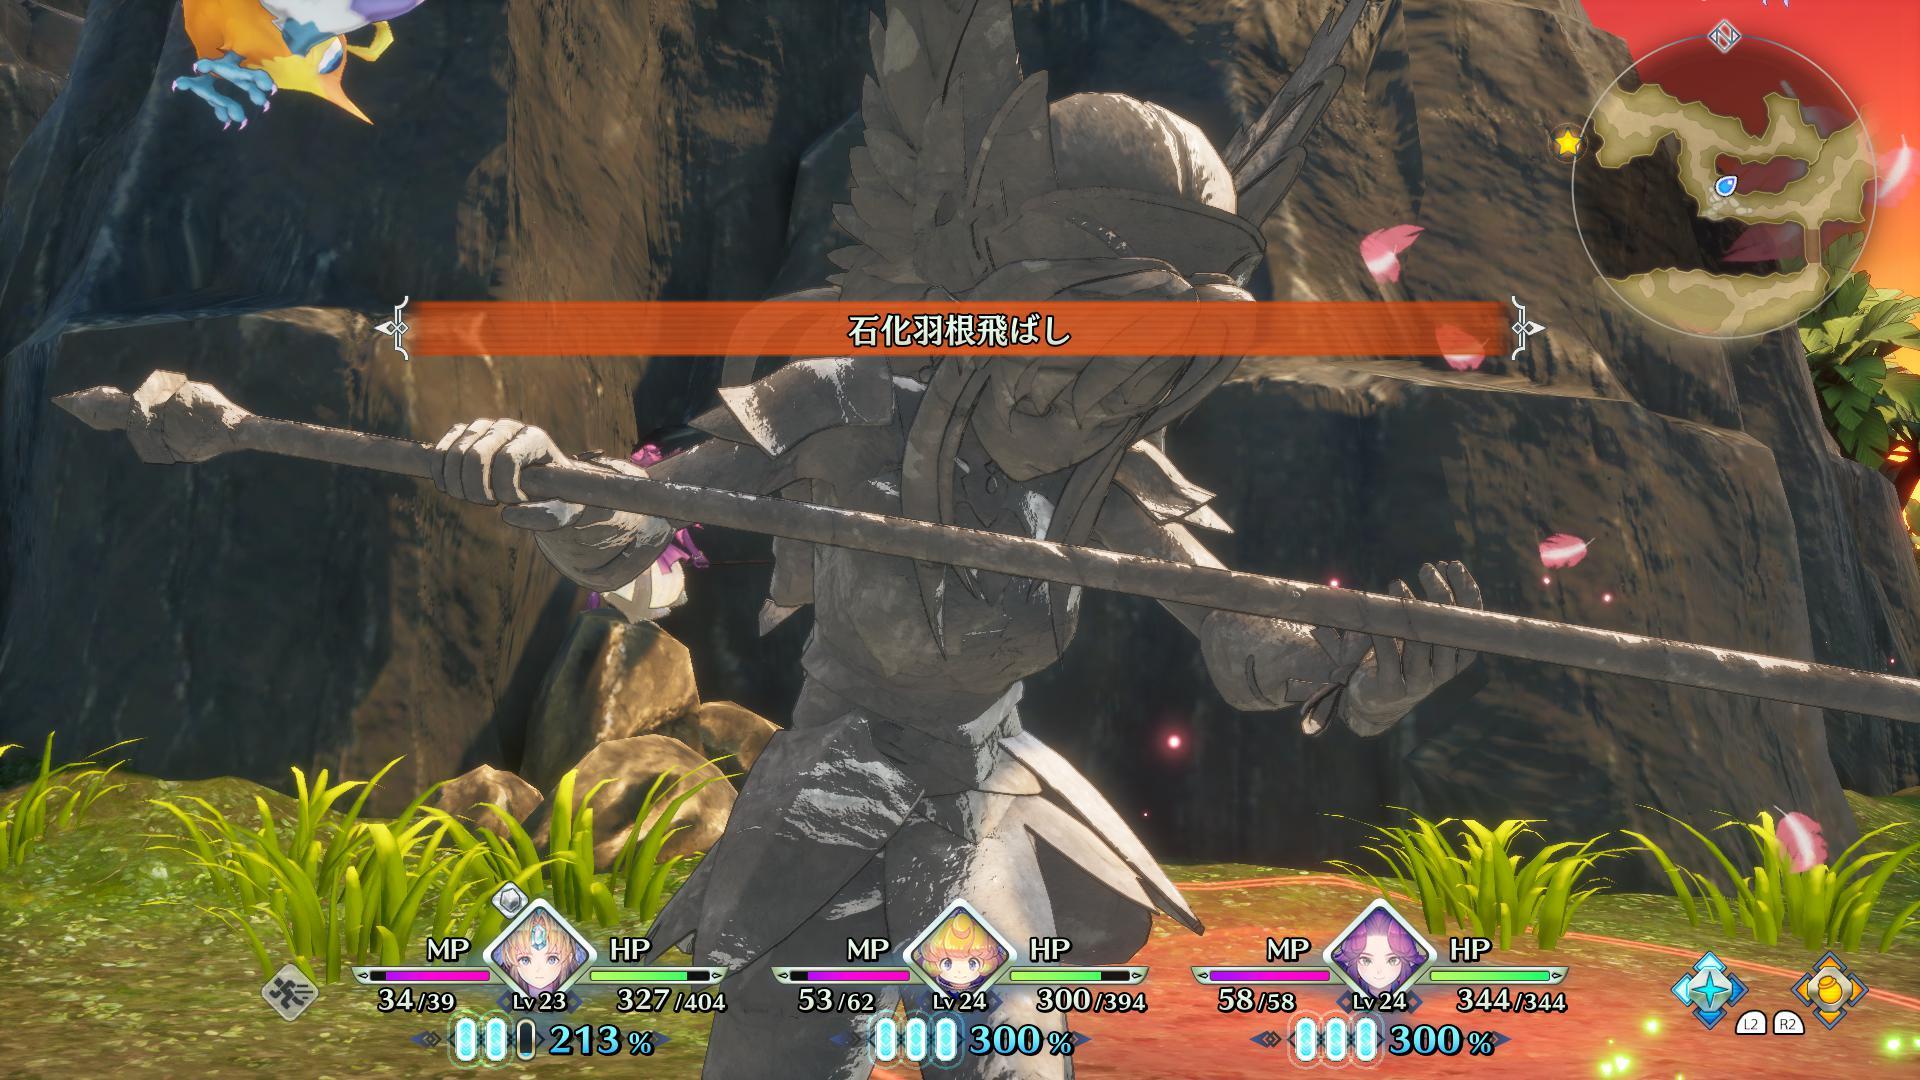 まとめ リメイク 3 剣 聖 伝説